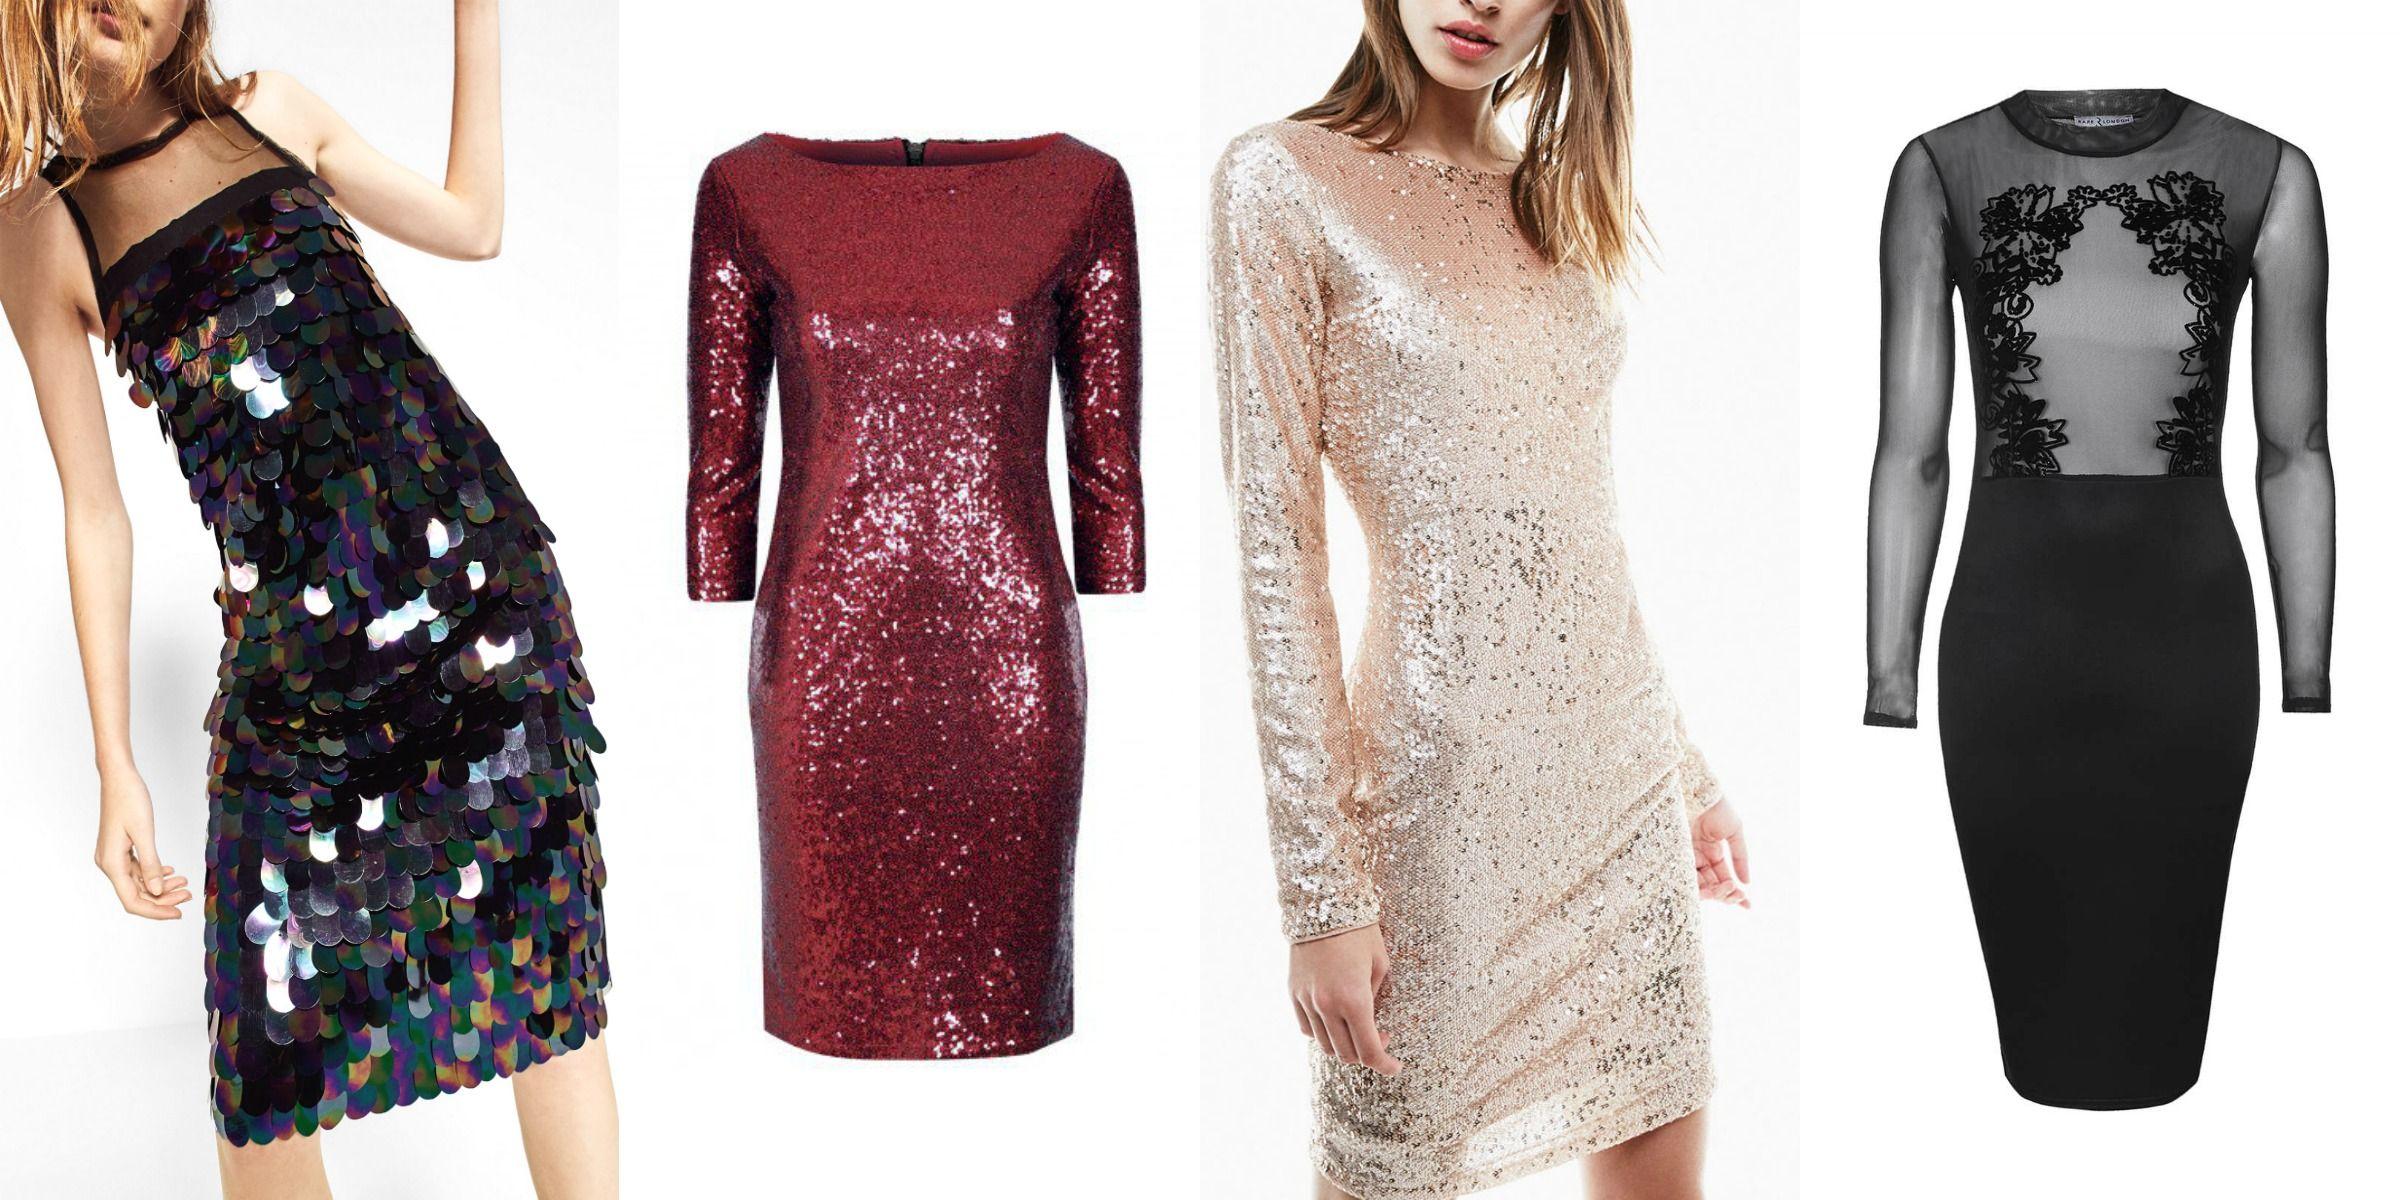 bf652d50b078 Come vestirsi a Capodanno 2017  I 10 vestiti low cost più belli